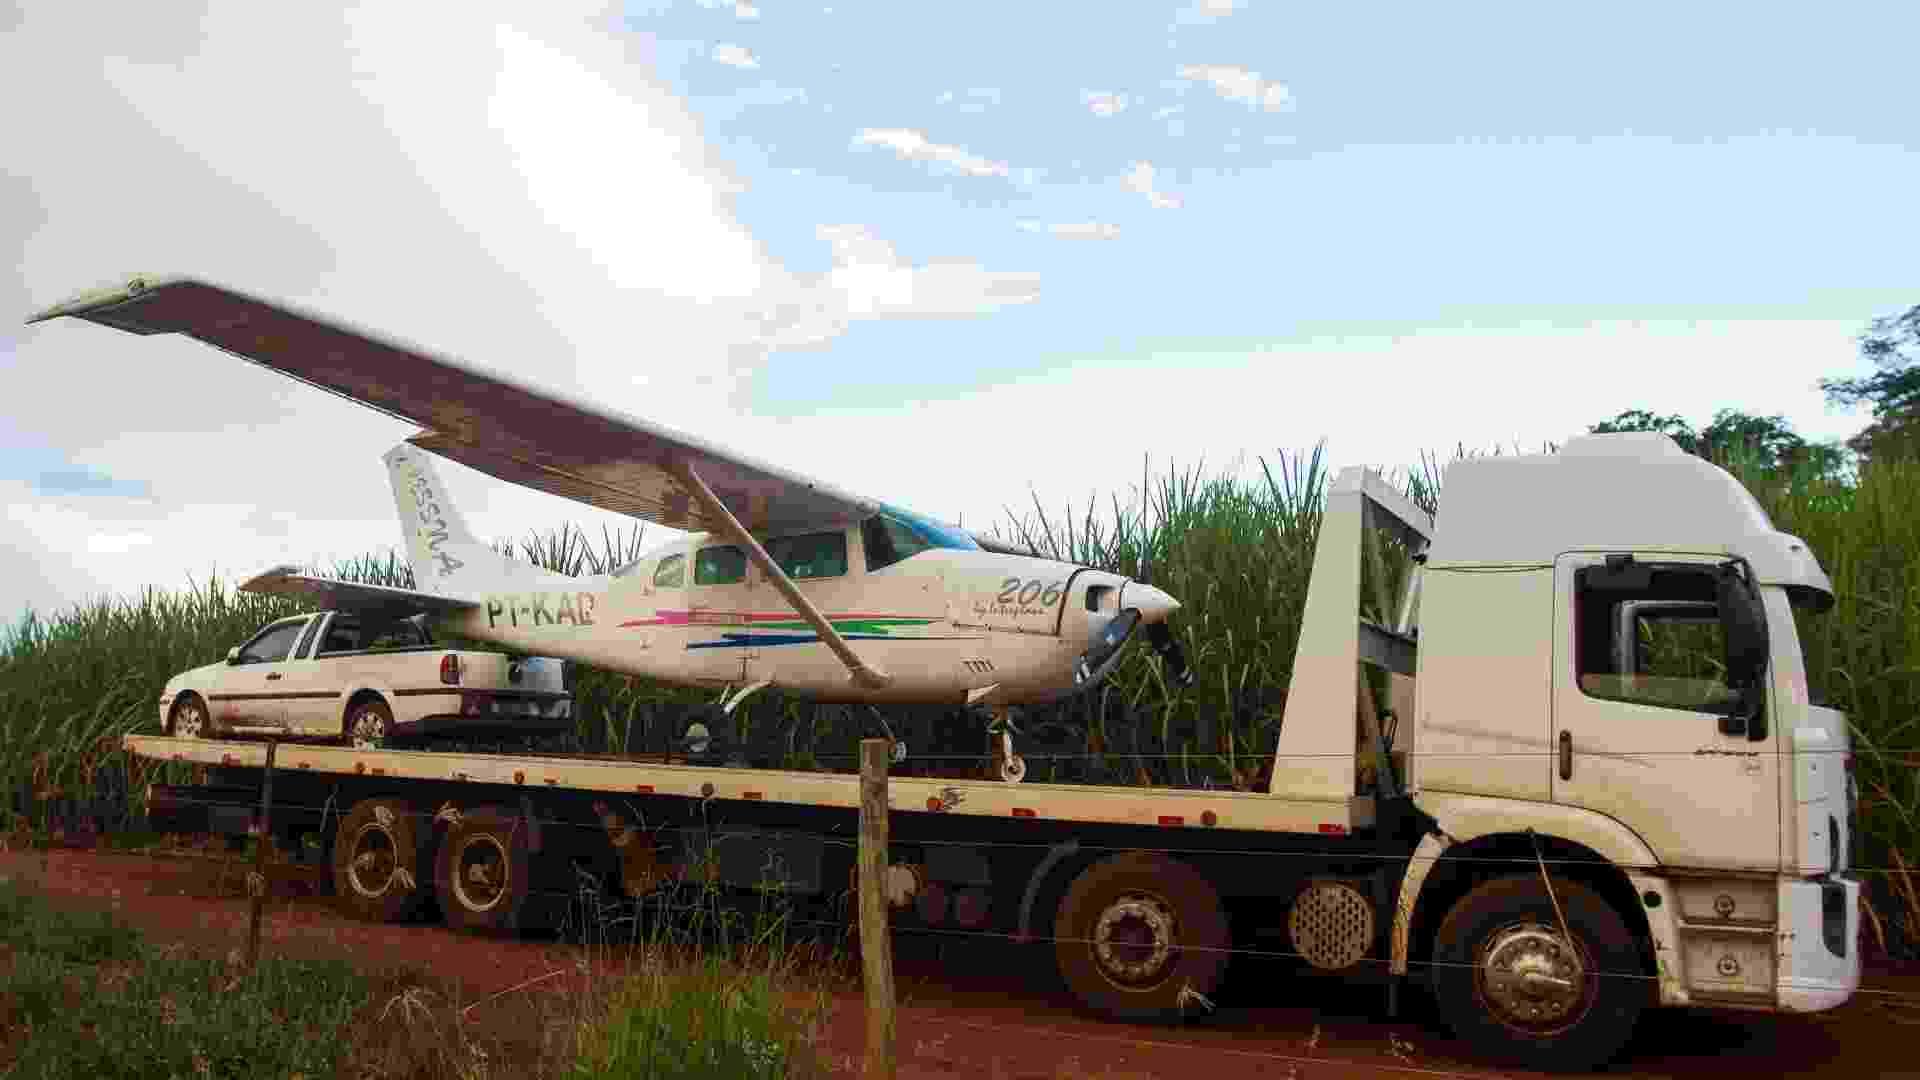 9.abr.2013 - A Polícia Federal interceptou um avião carregado com 400 quilos de cocaína que pousou em uma pista clandestina no canavial de uma fazenda na cidade de Serrana (SP), nesta terça-feira (9). Um carro com três homens esperava o avião e houve troca de tiros com a polícia. O piloto e um passageiro do avião conseguiram fugir. Os três homens que estavam no carro foram presos. Segundo a Polícia Federal, o avião veio do Paraguai - Alfredo Risk/Futura Press